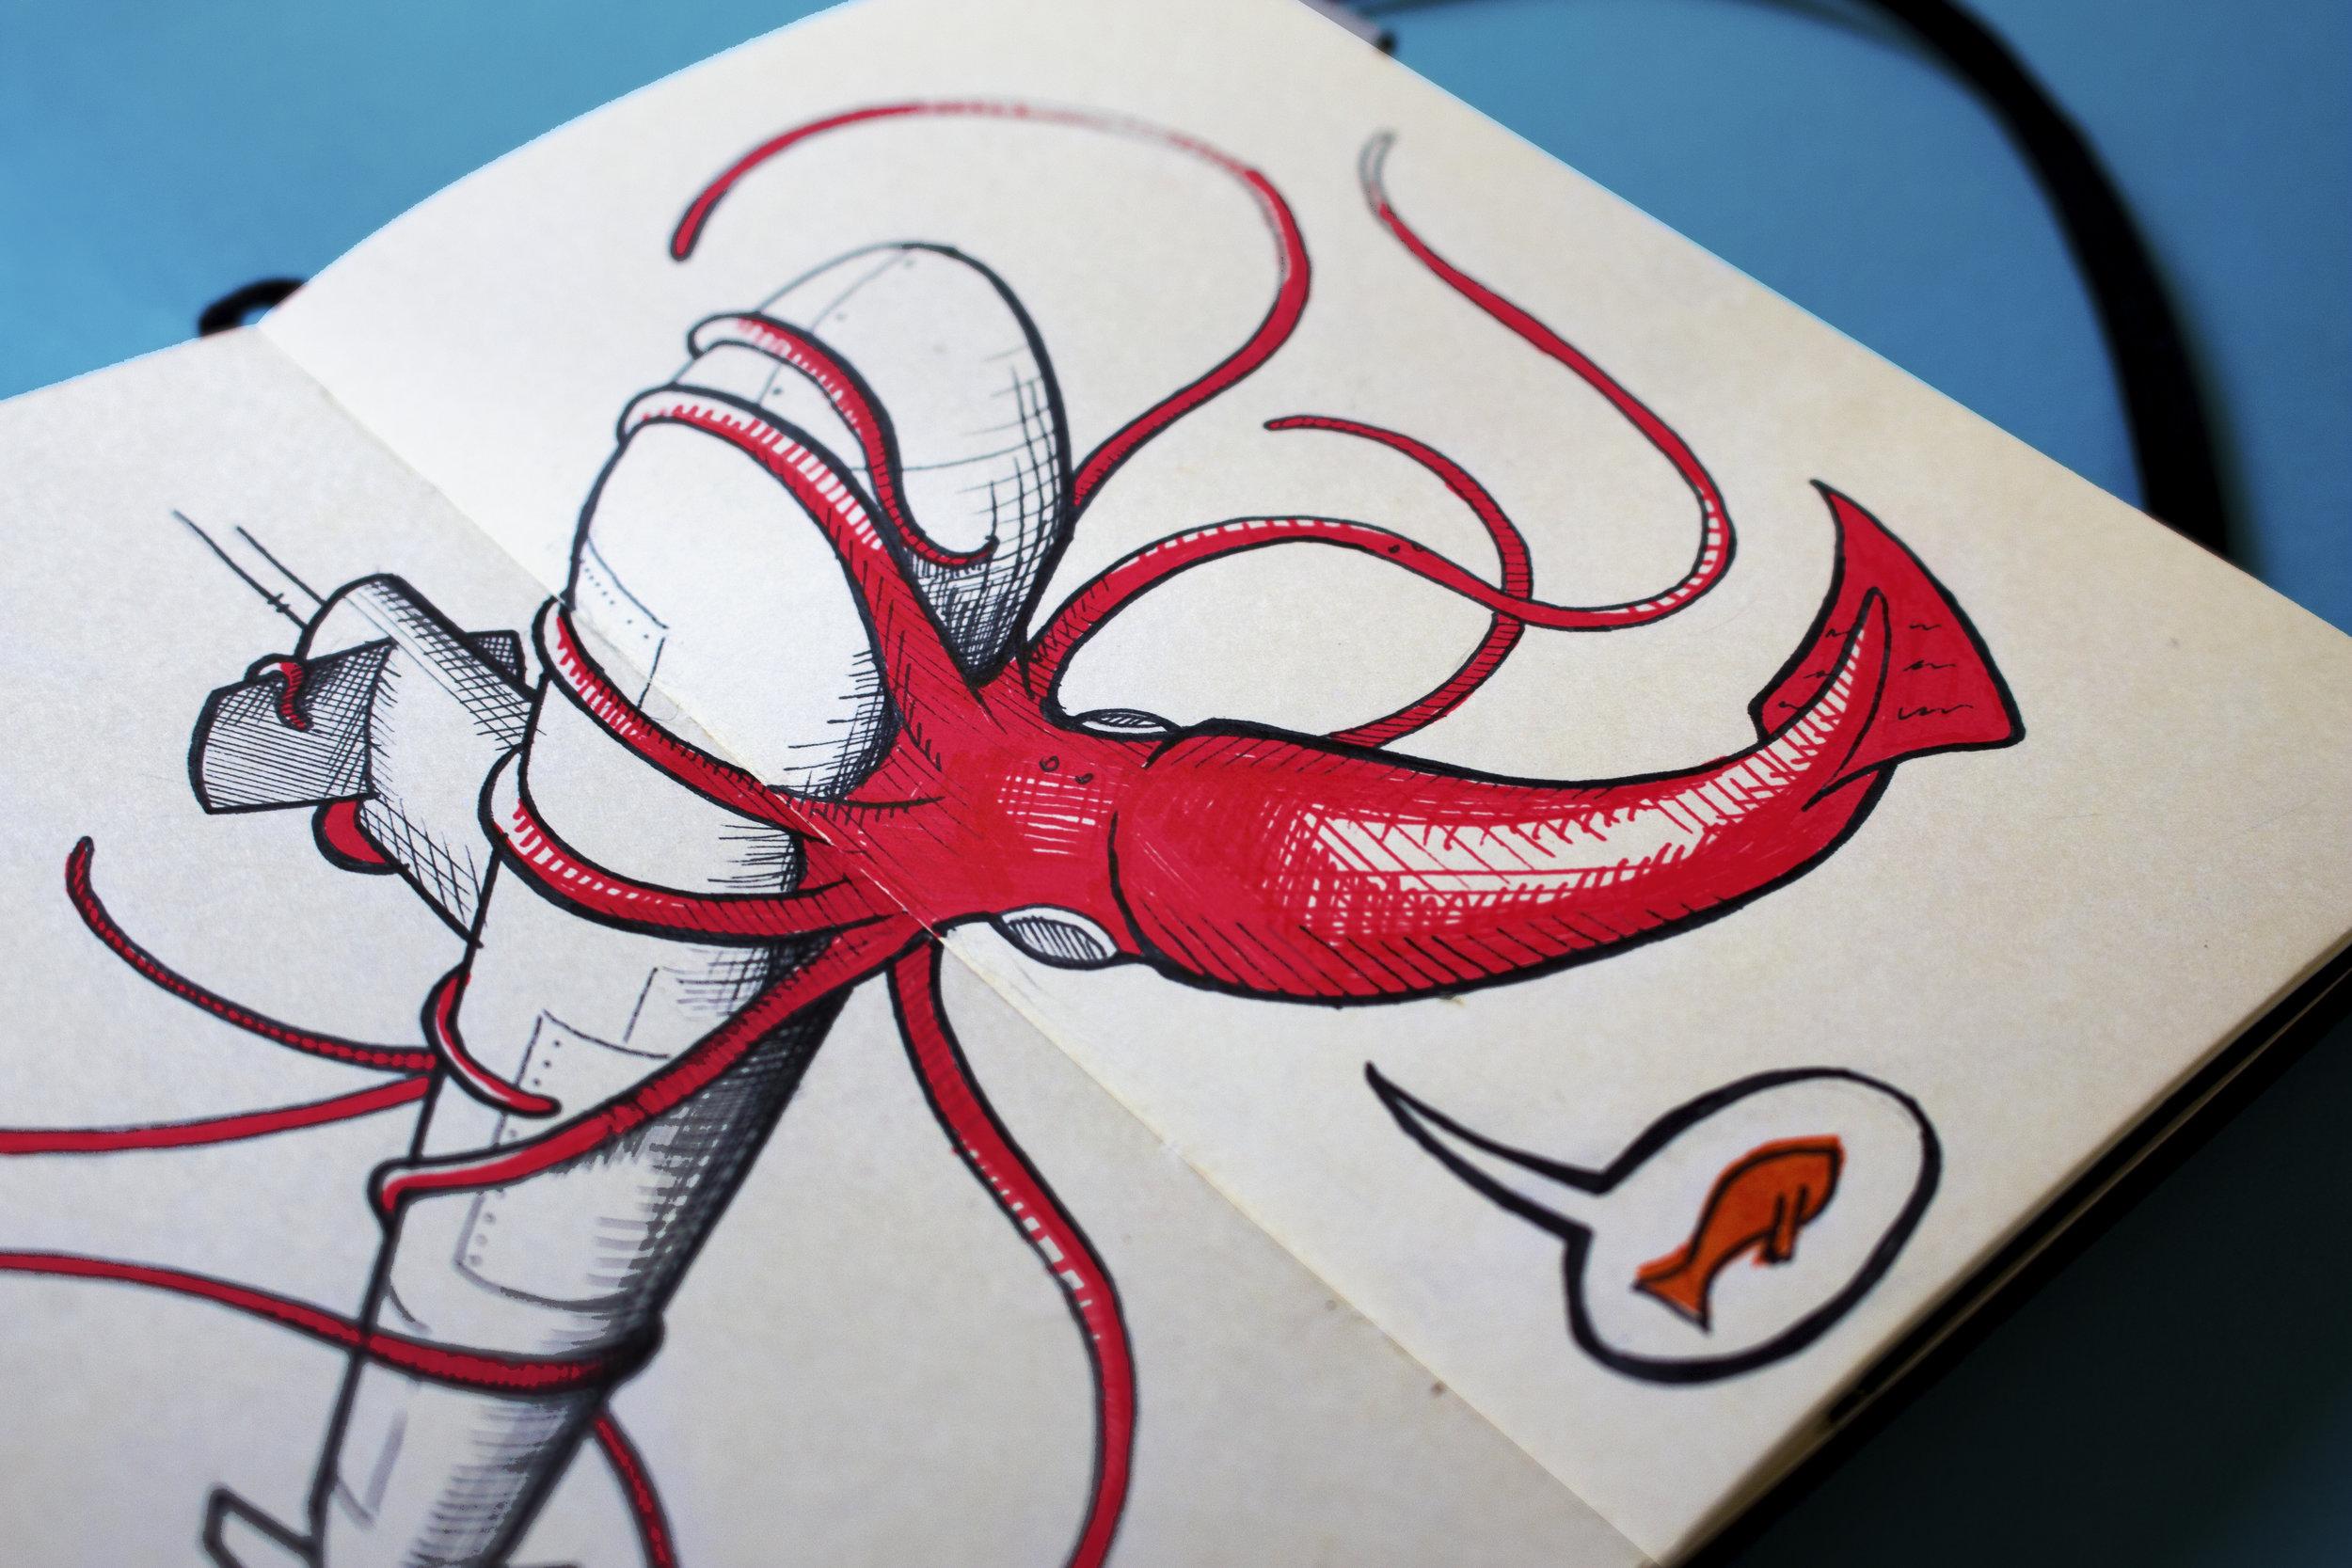 2017-08-22_Squid Sketchbook 3_FINAL.jpg